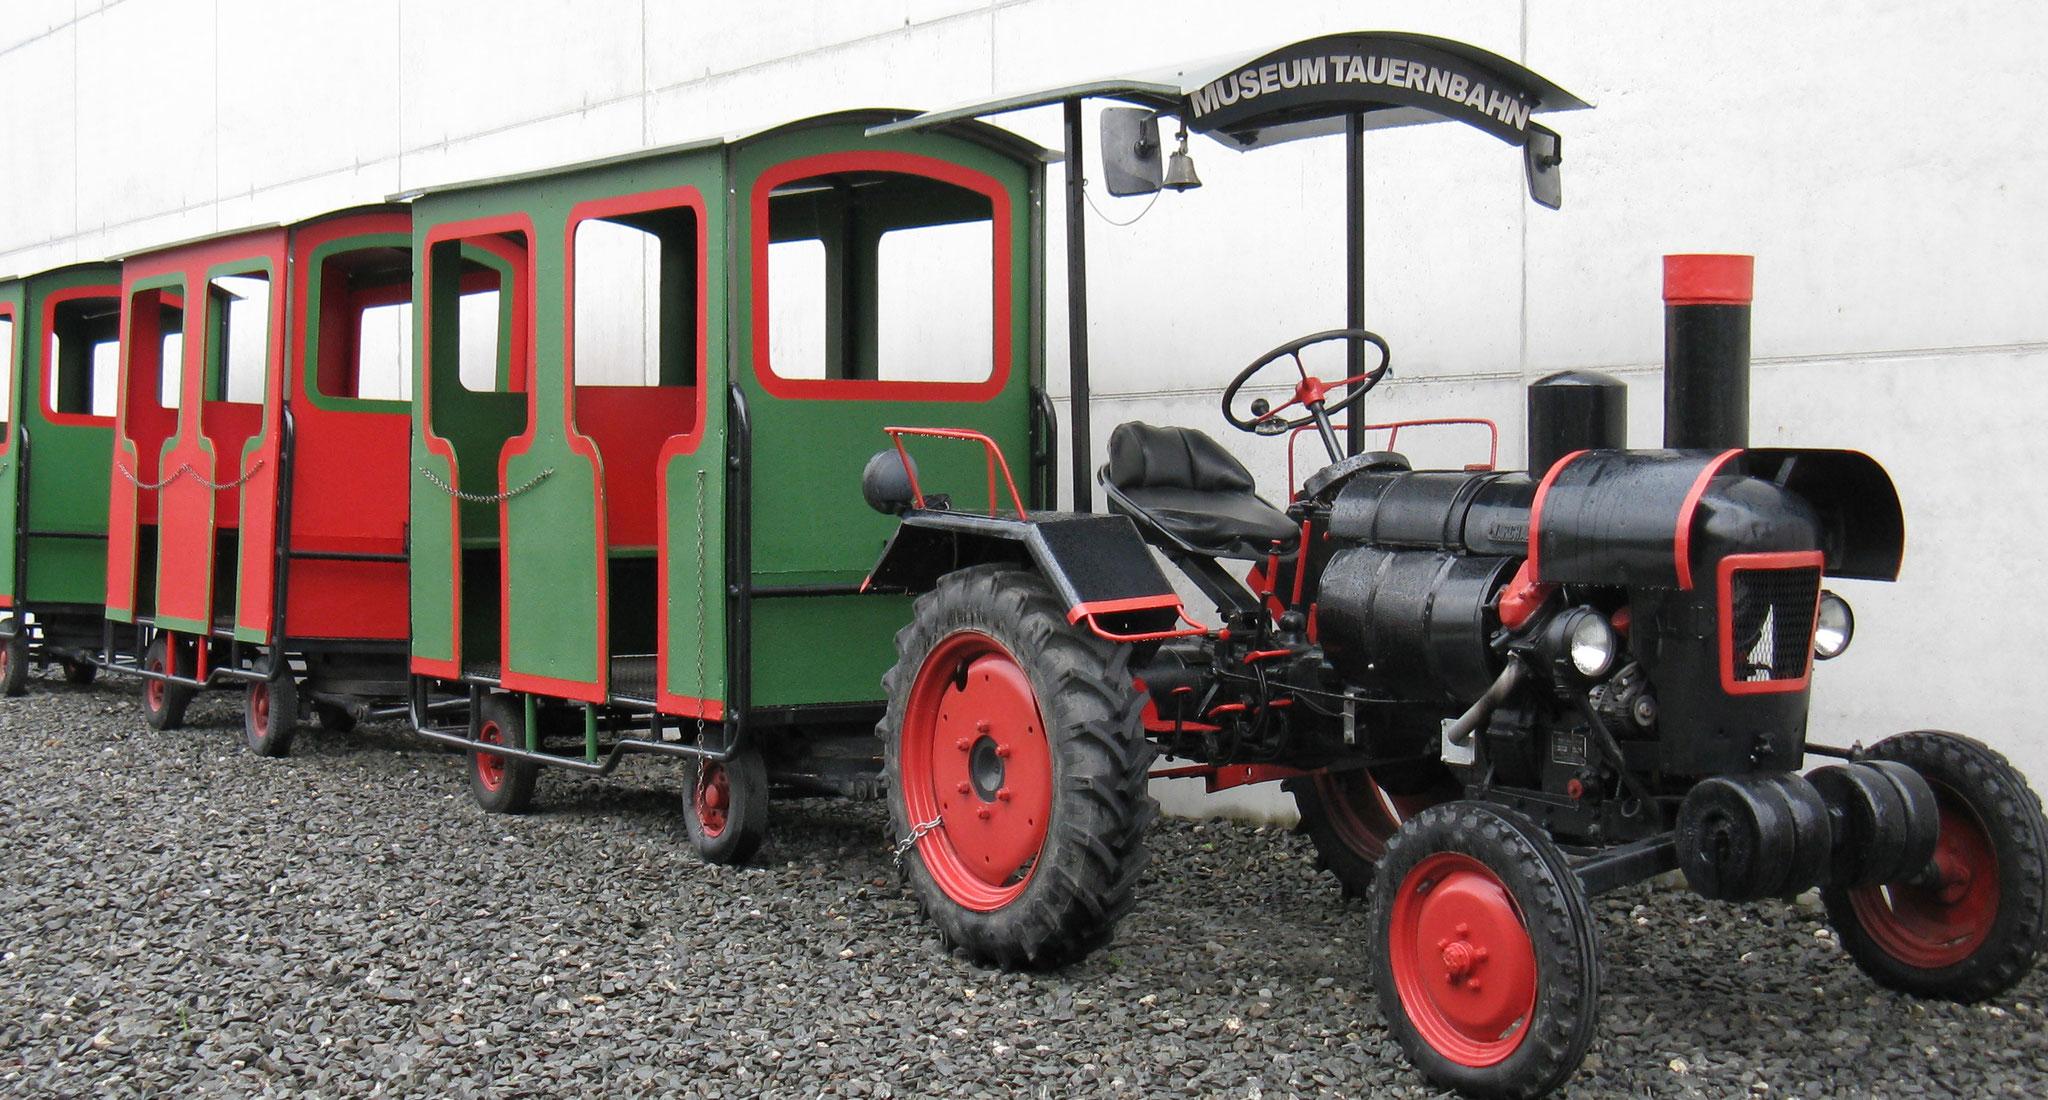 Bummelzug (c) Museum Tauernbahn